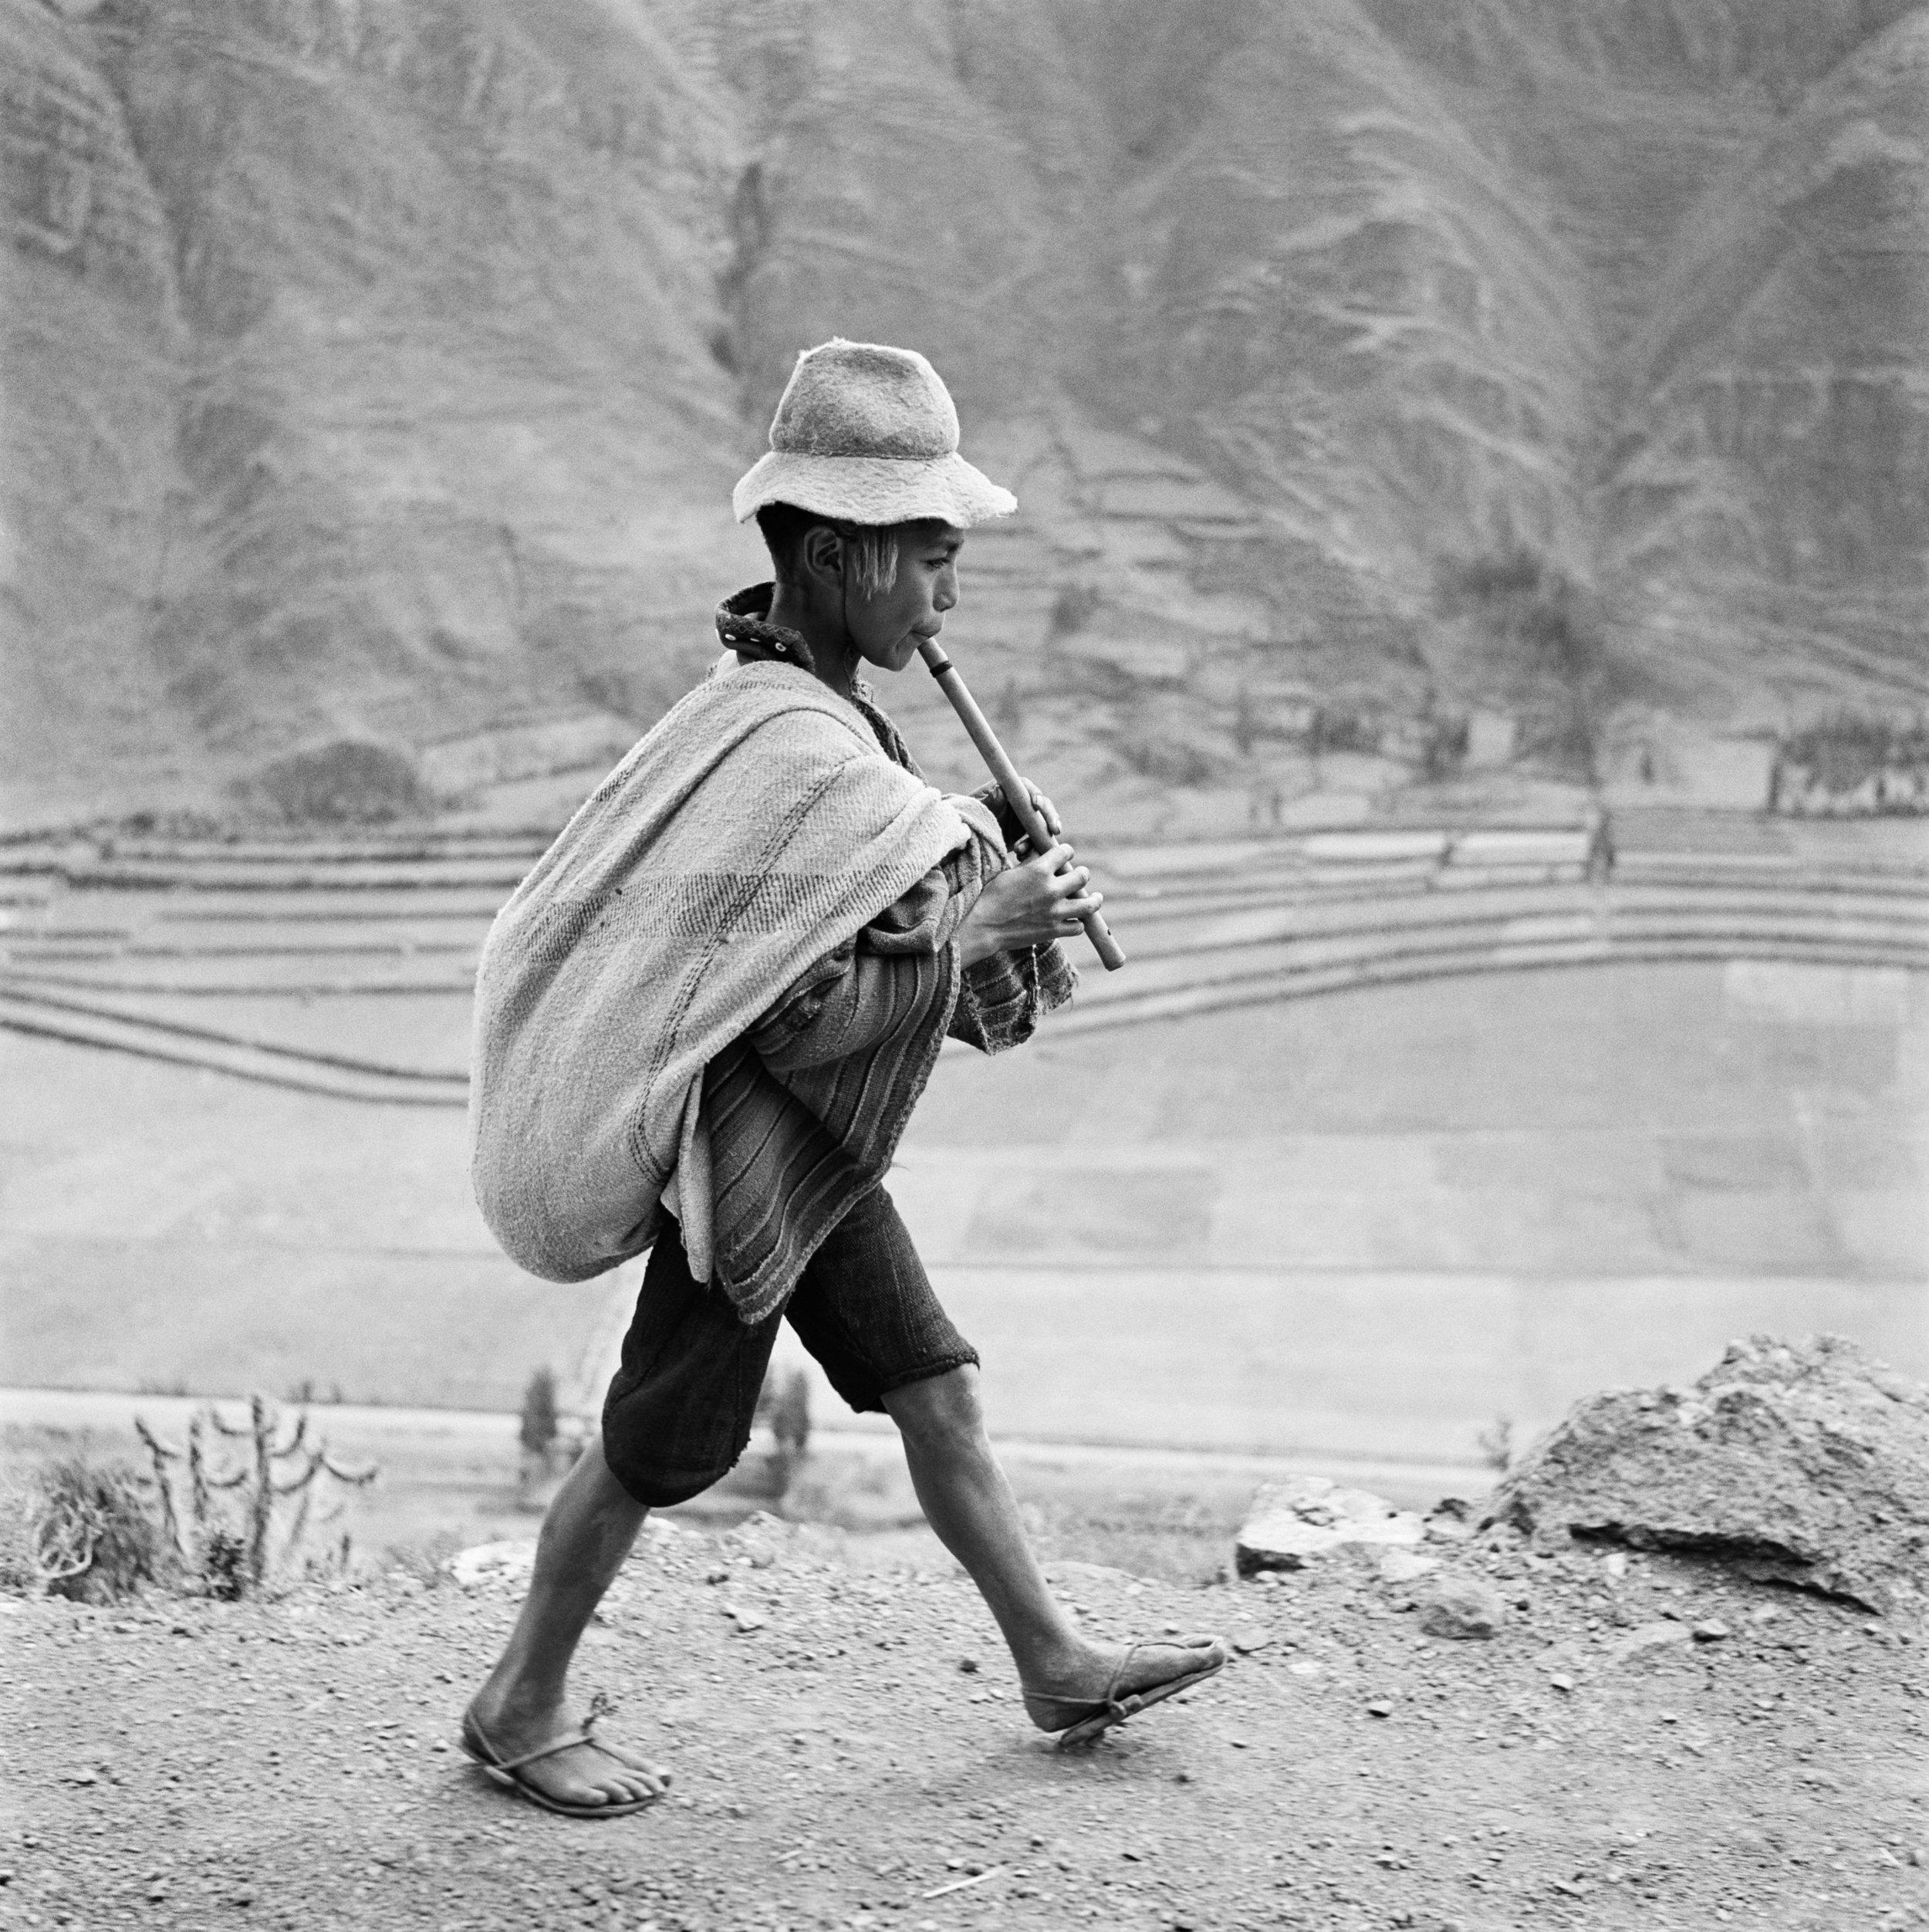 Auf dem Weg nach Cuzco, Valle Sagrado, Peru 1954 © Werner Bischof / Magnum Photos